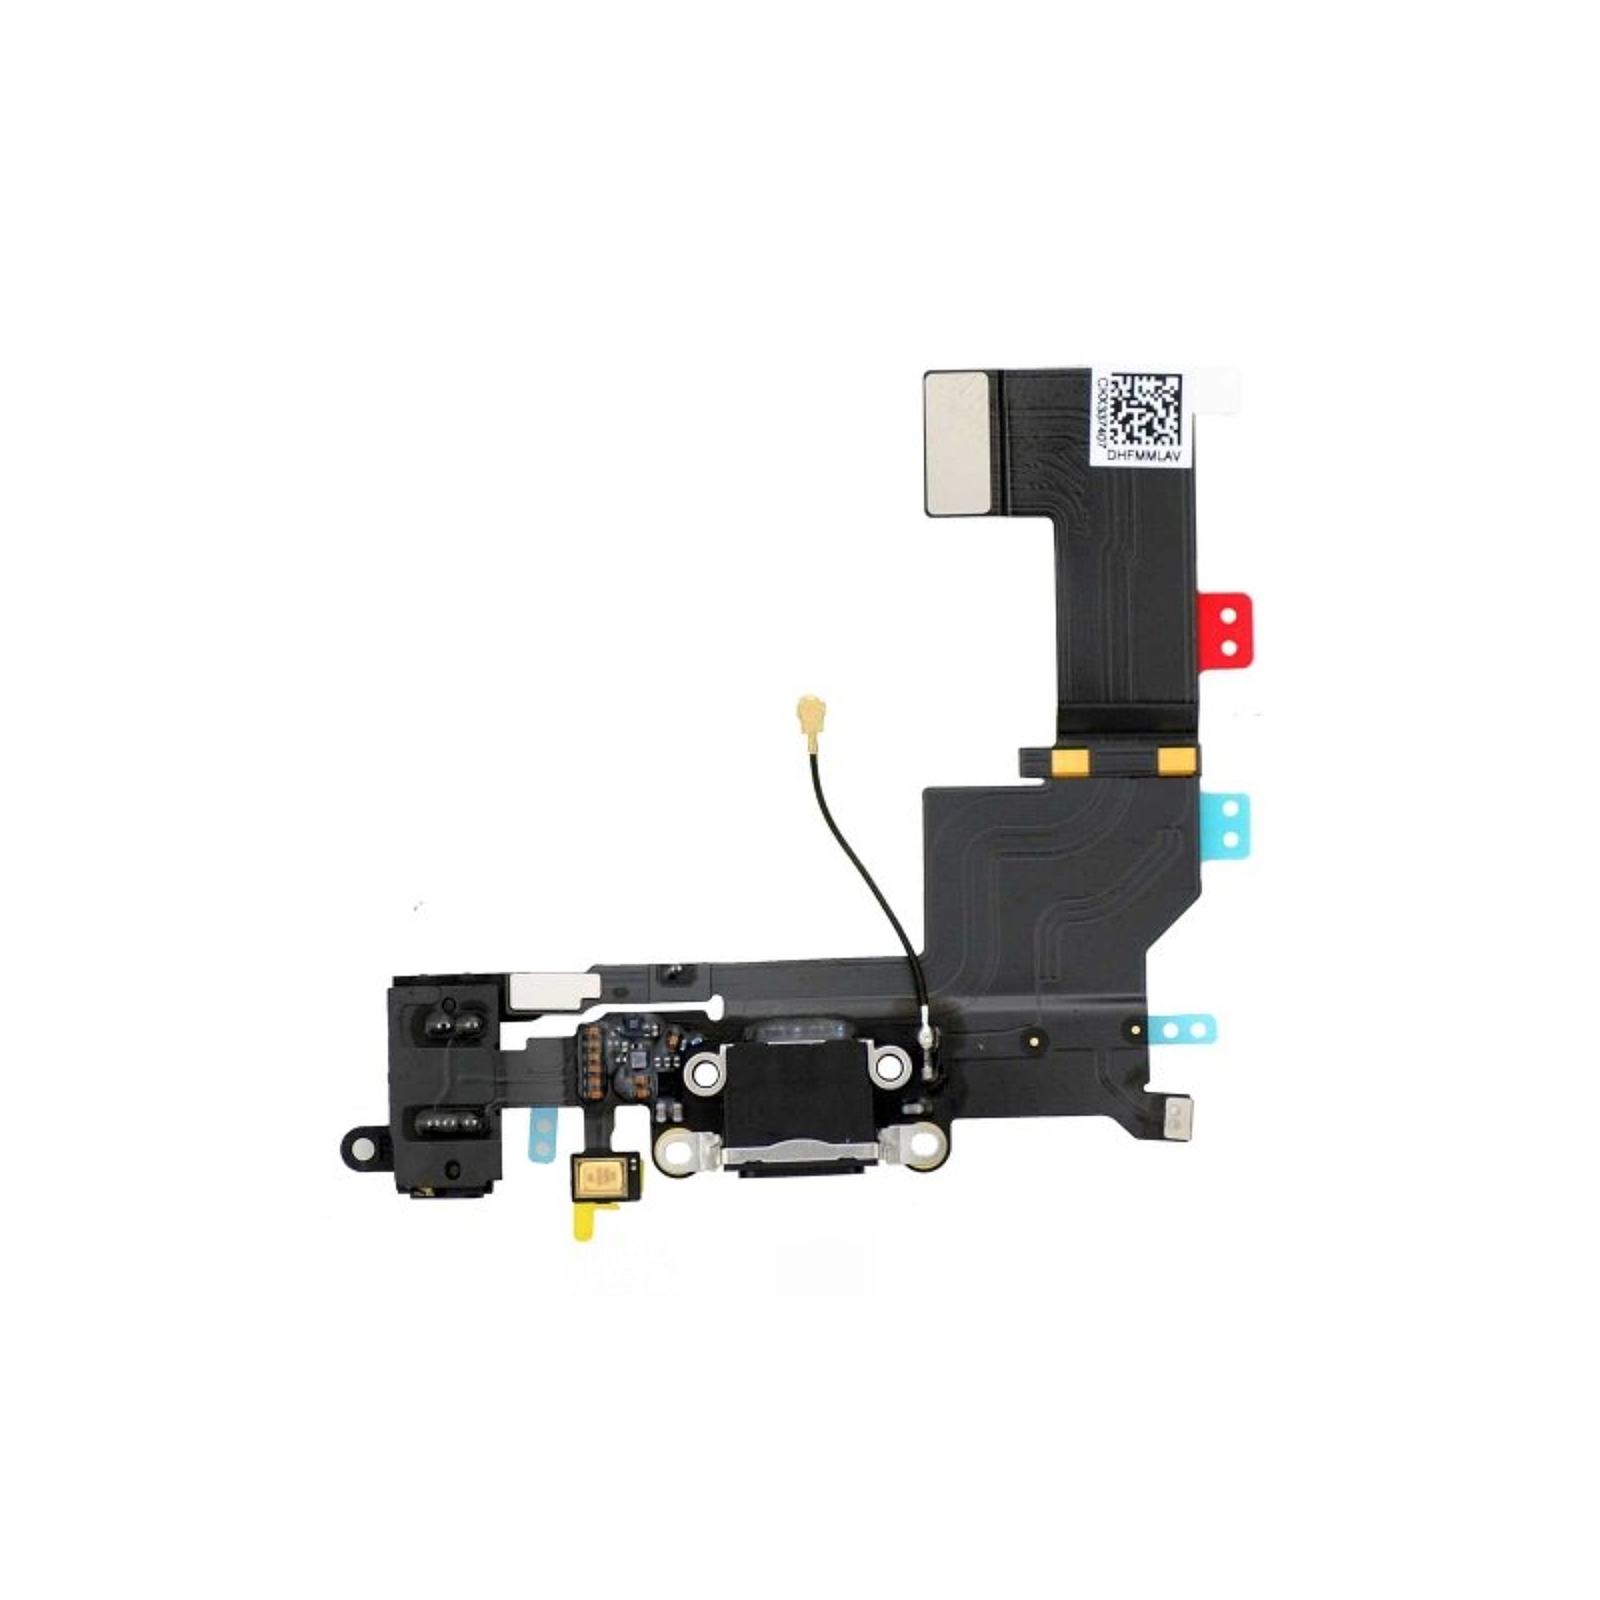 Conector Dock de carga de 3,5 mm puerto Flex Cable para iPhone 5s Negro ARREGLATELO - 1